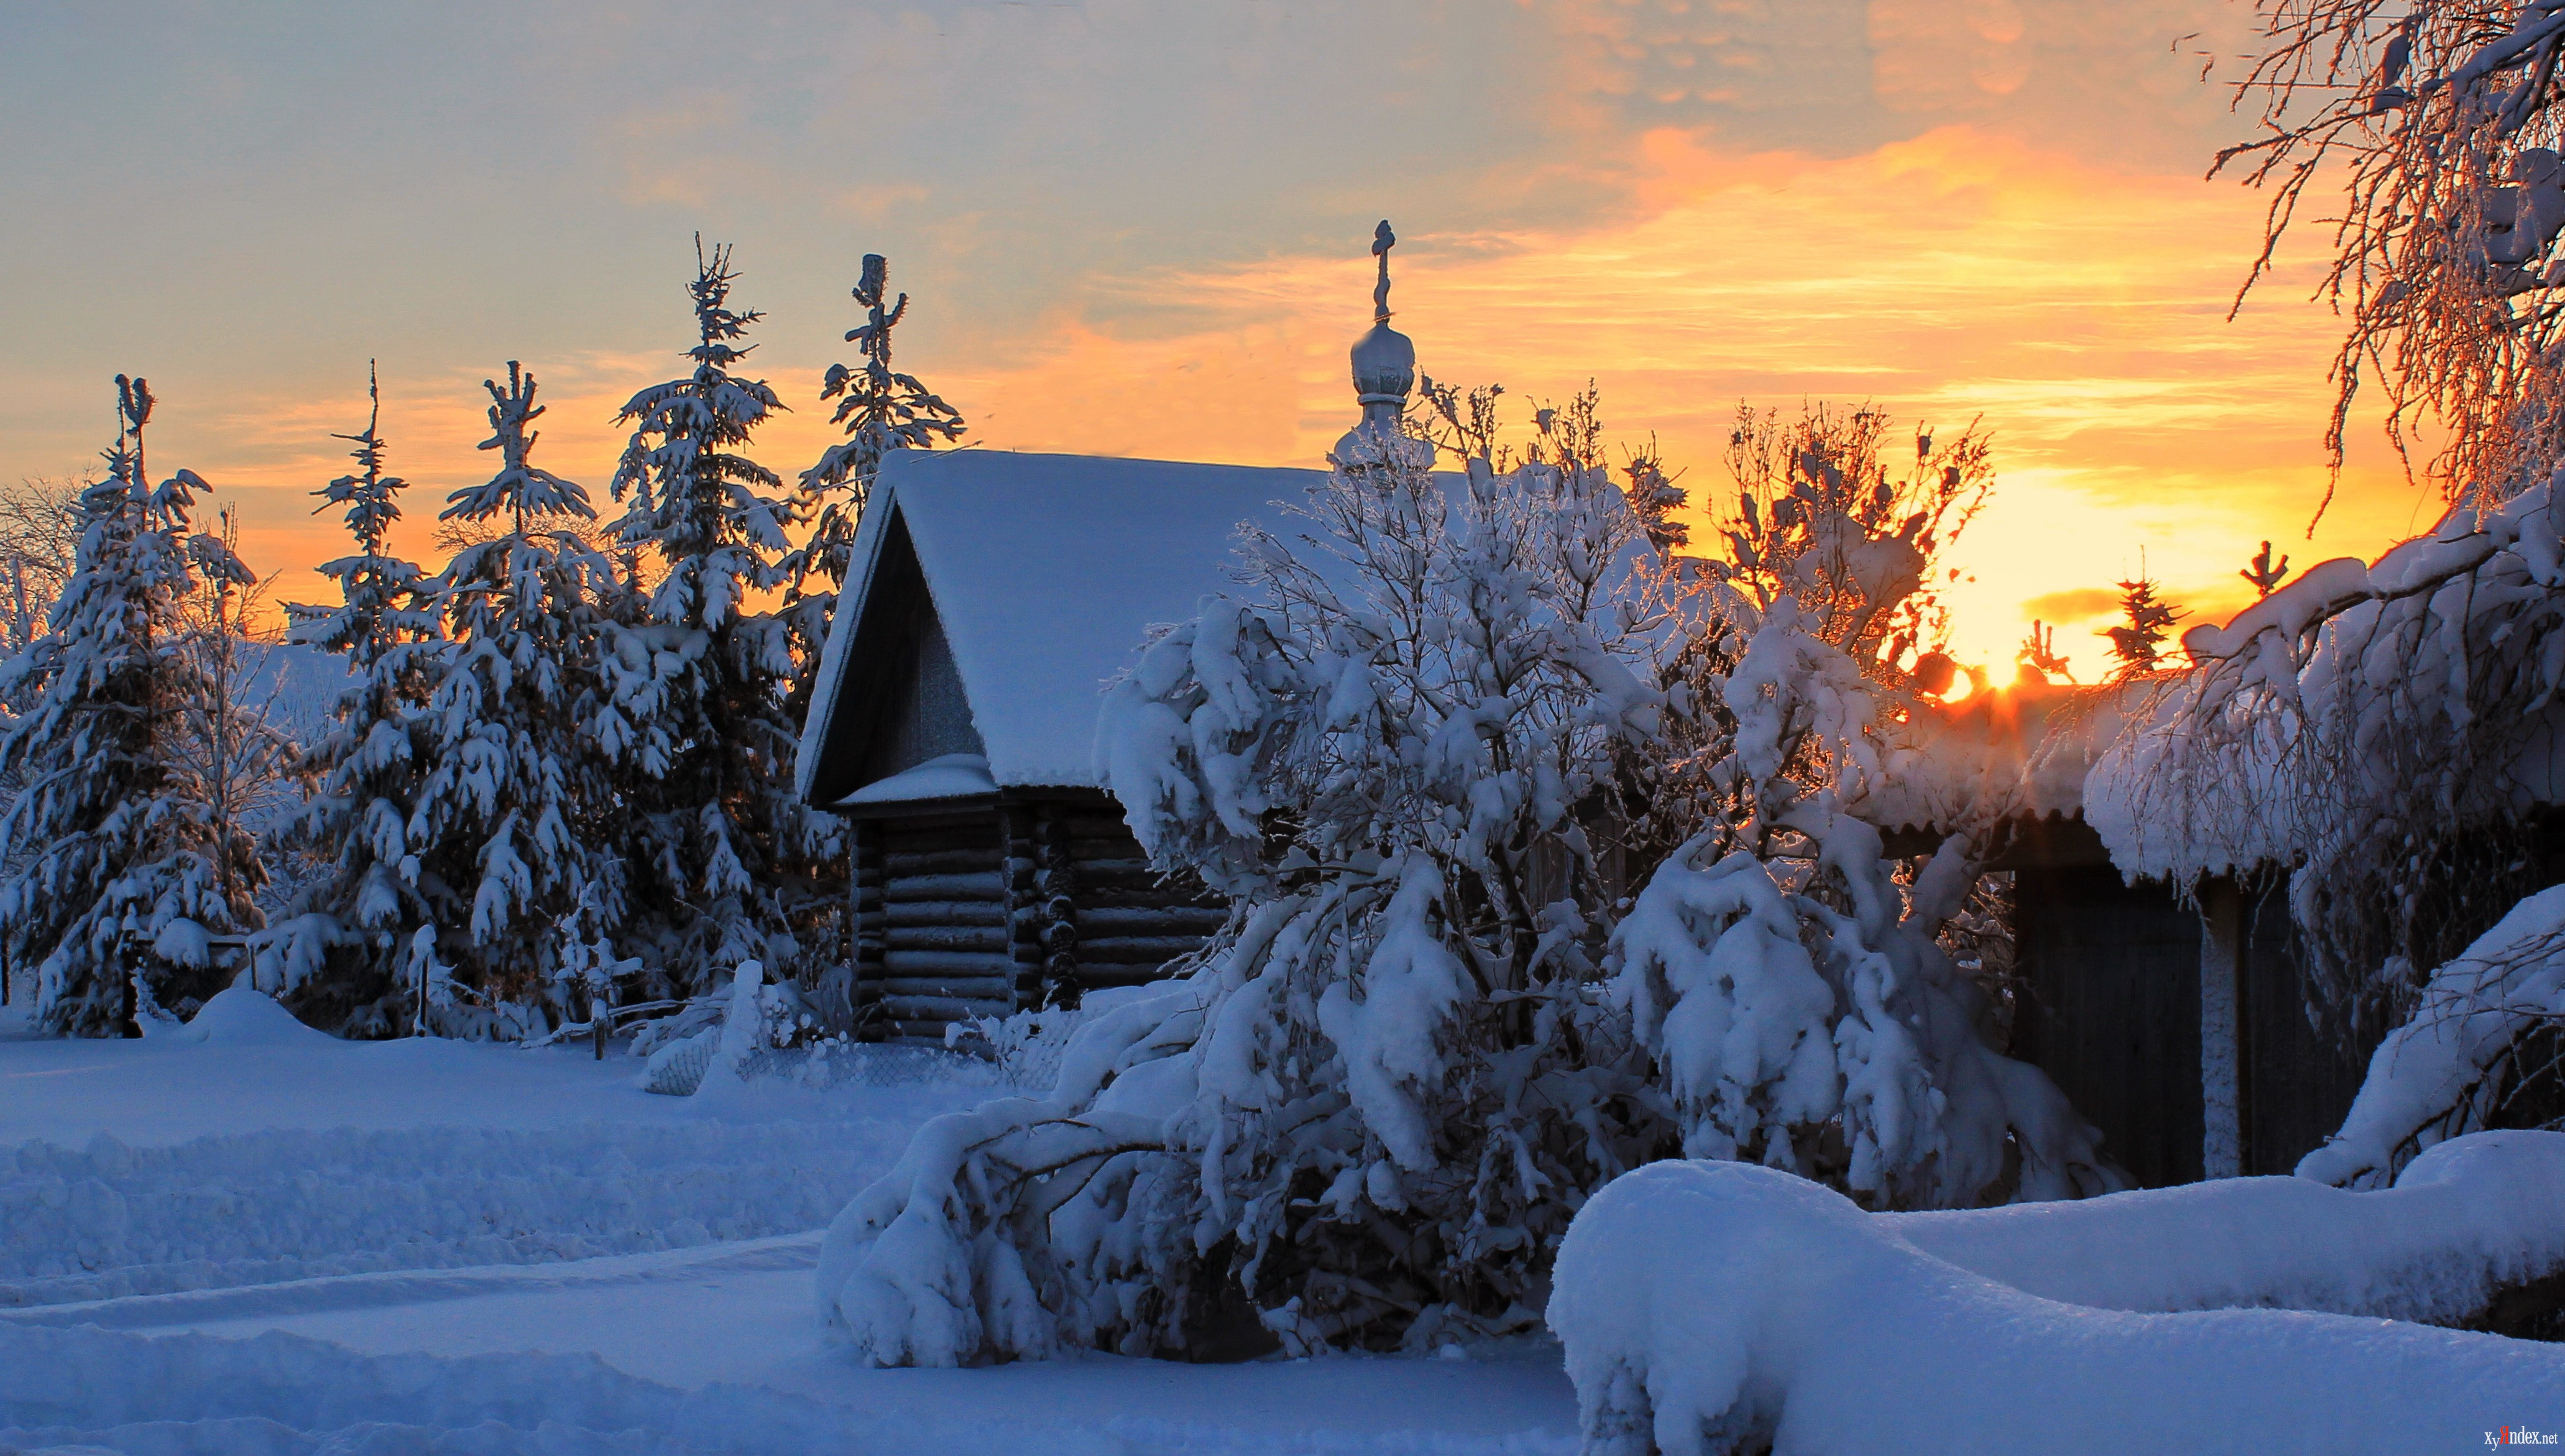 книга, зима в деревне обои и картинки вспомнил, чтобы